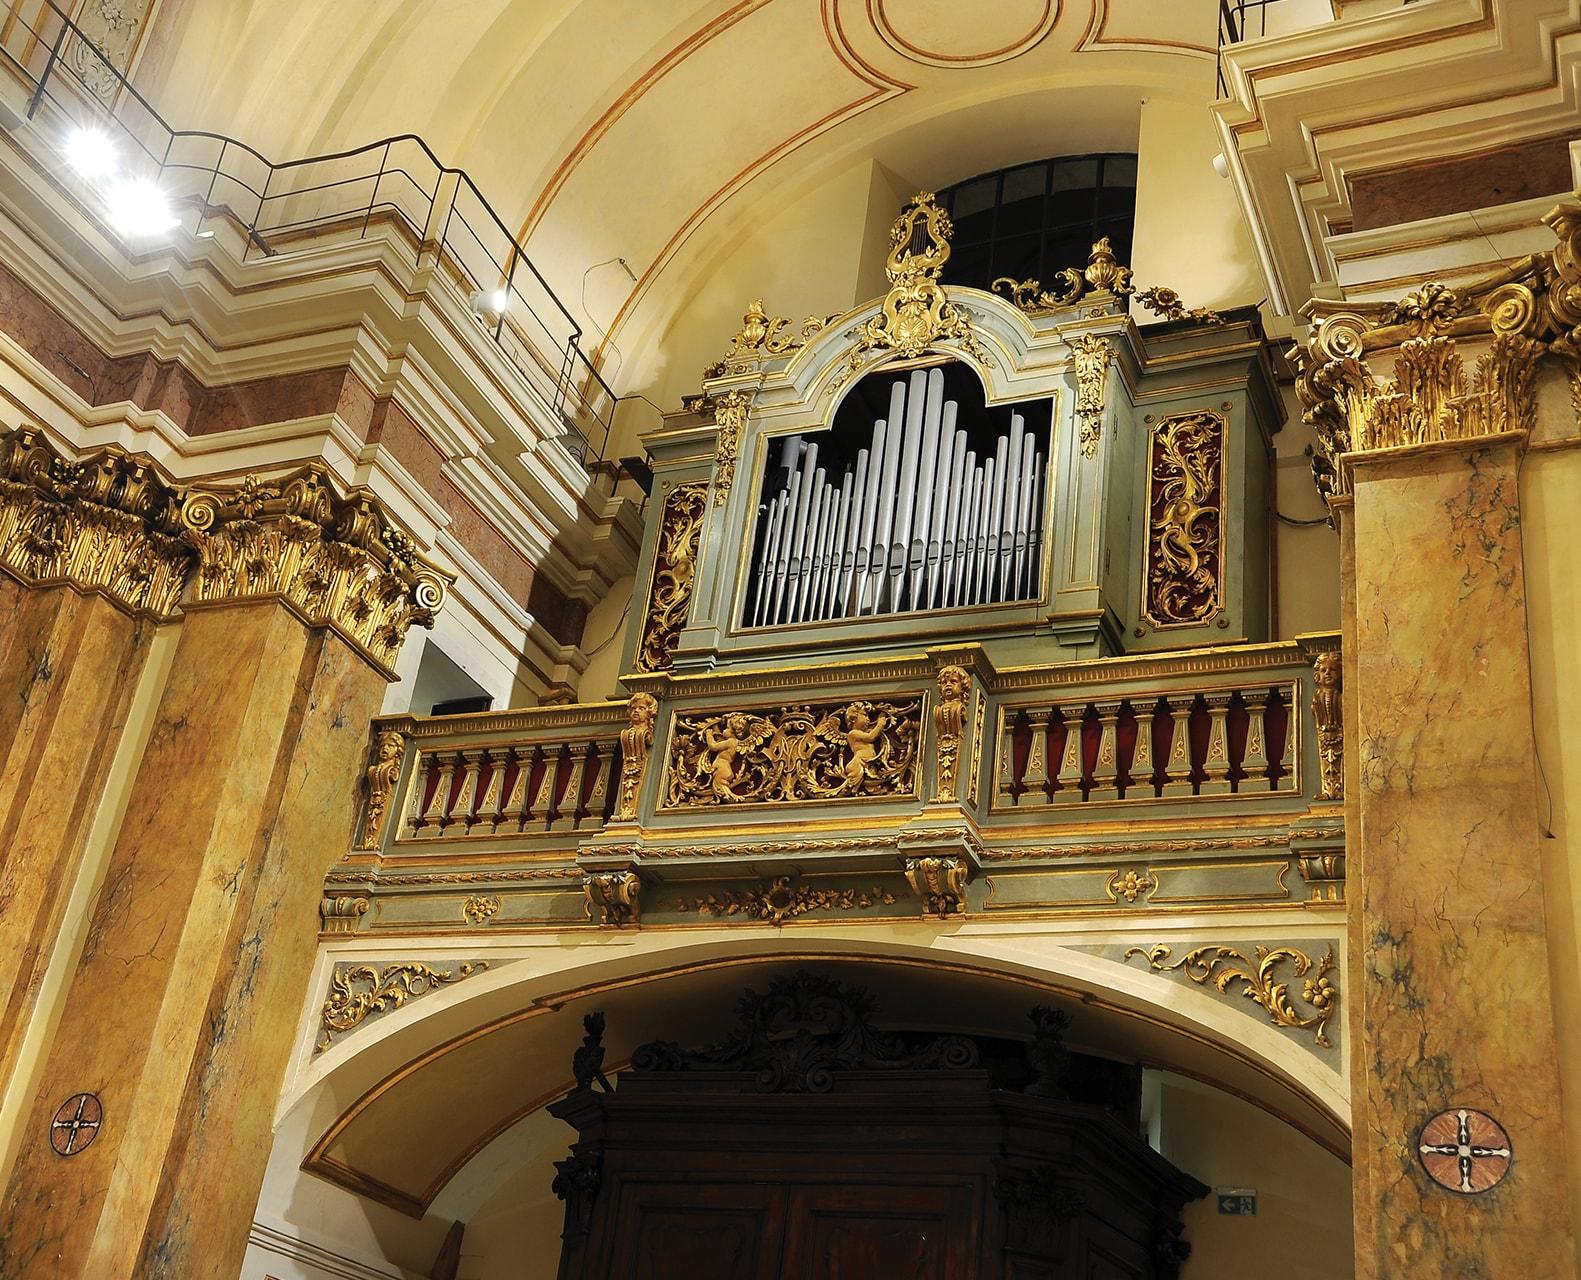 chiesa-santa-maria-suffragio-anime-sante-laquila-abruzzo-immagine-restauro-organo-20